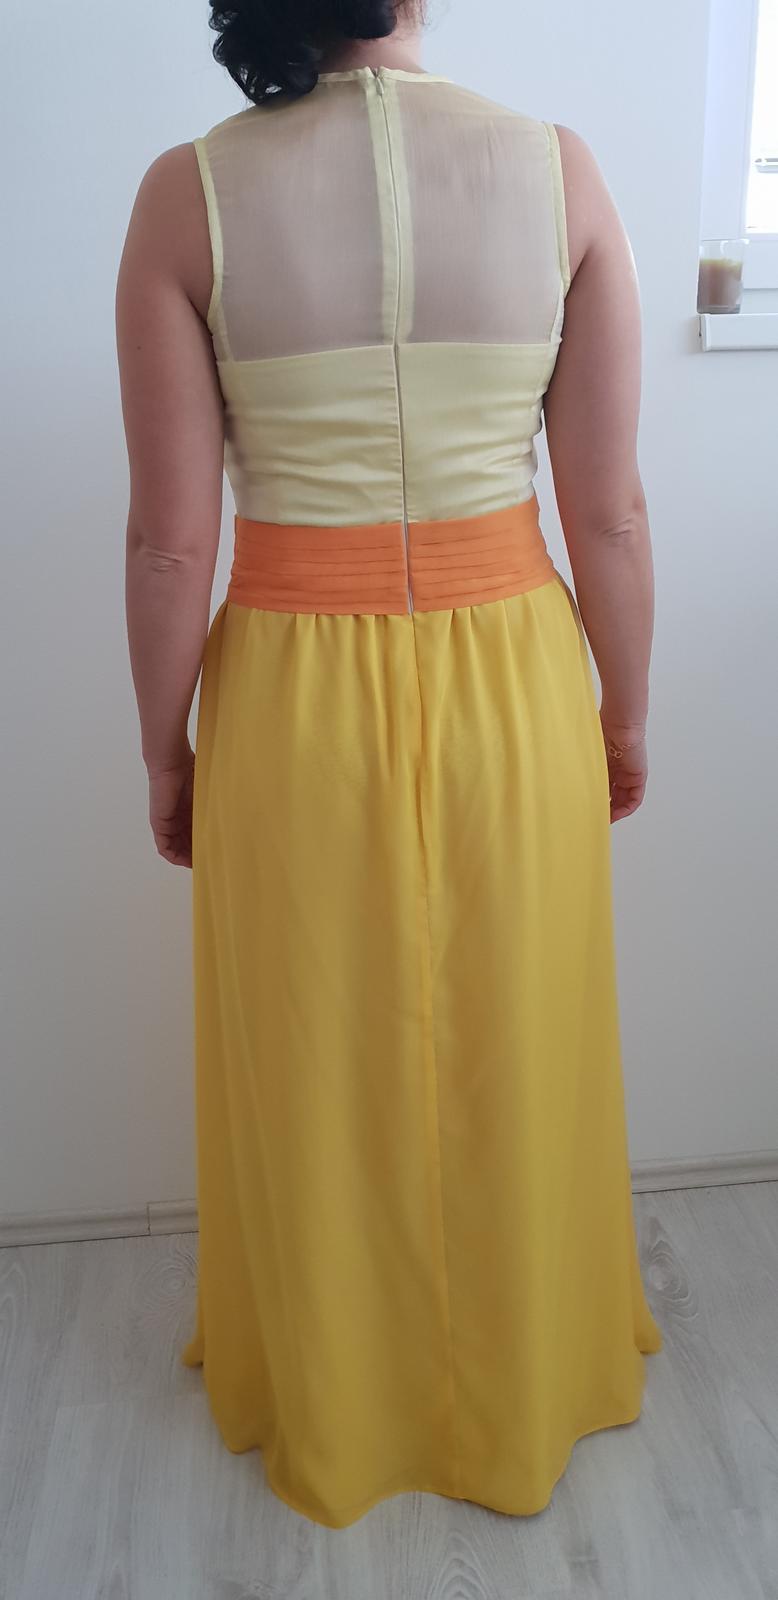 9f2adf2e8b61 Spoločenské šaty šité na mieru